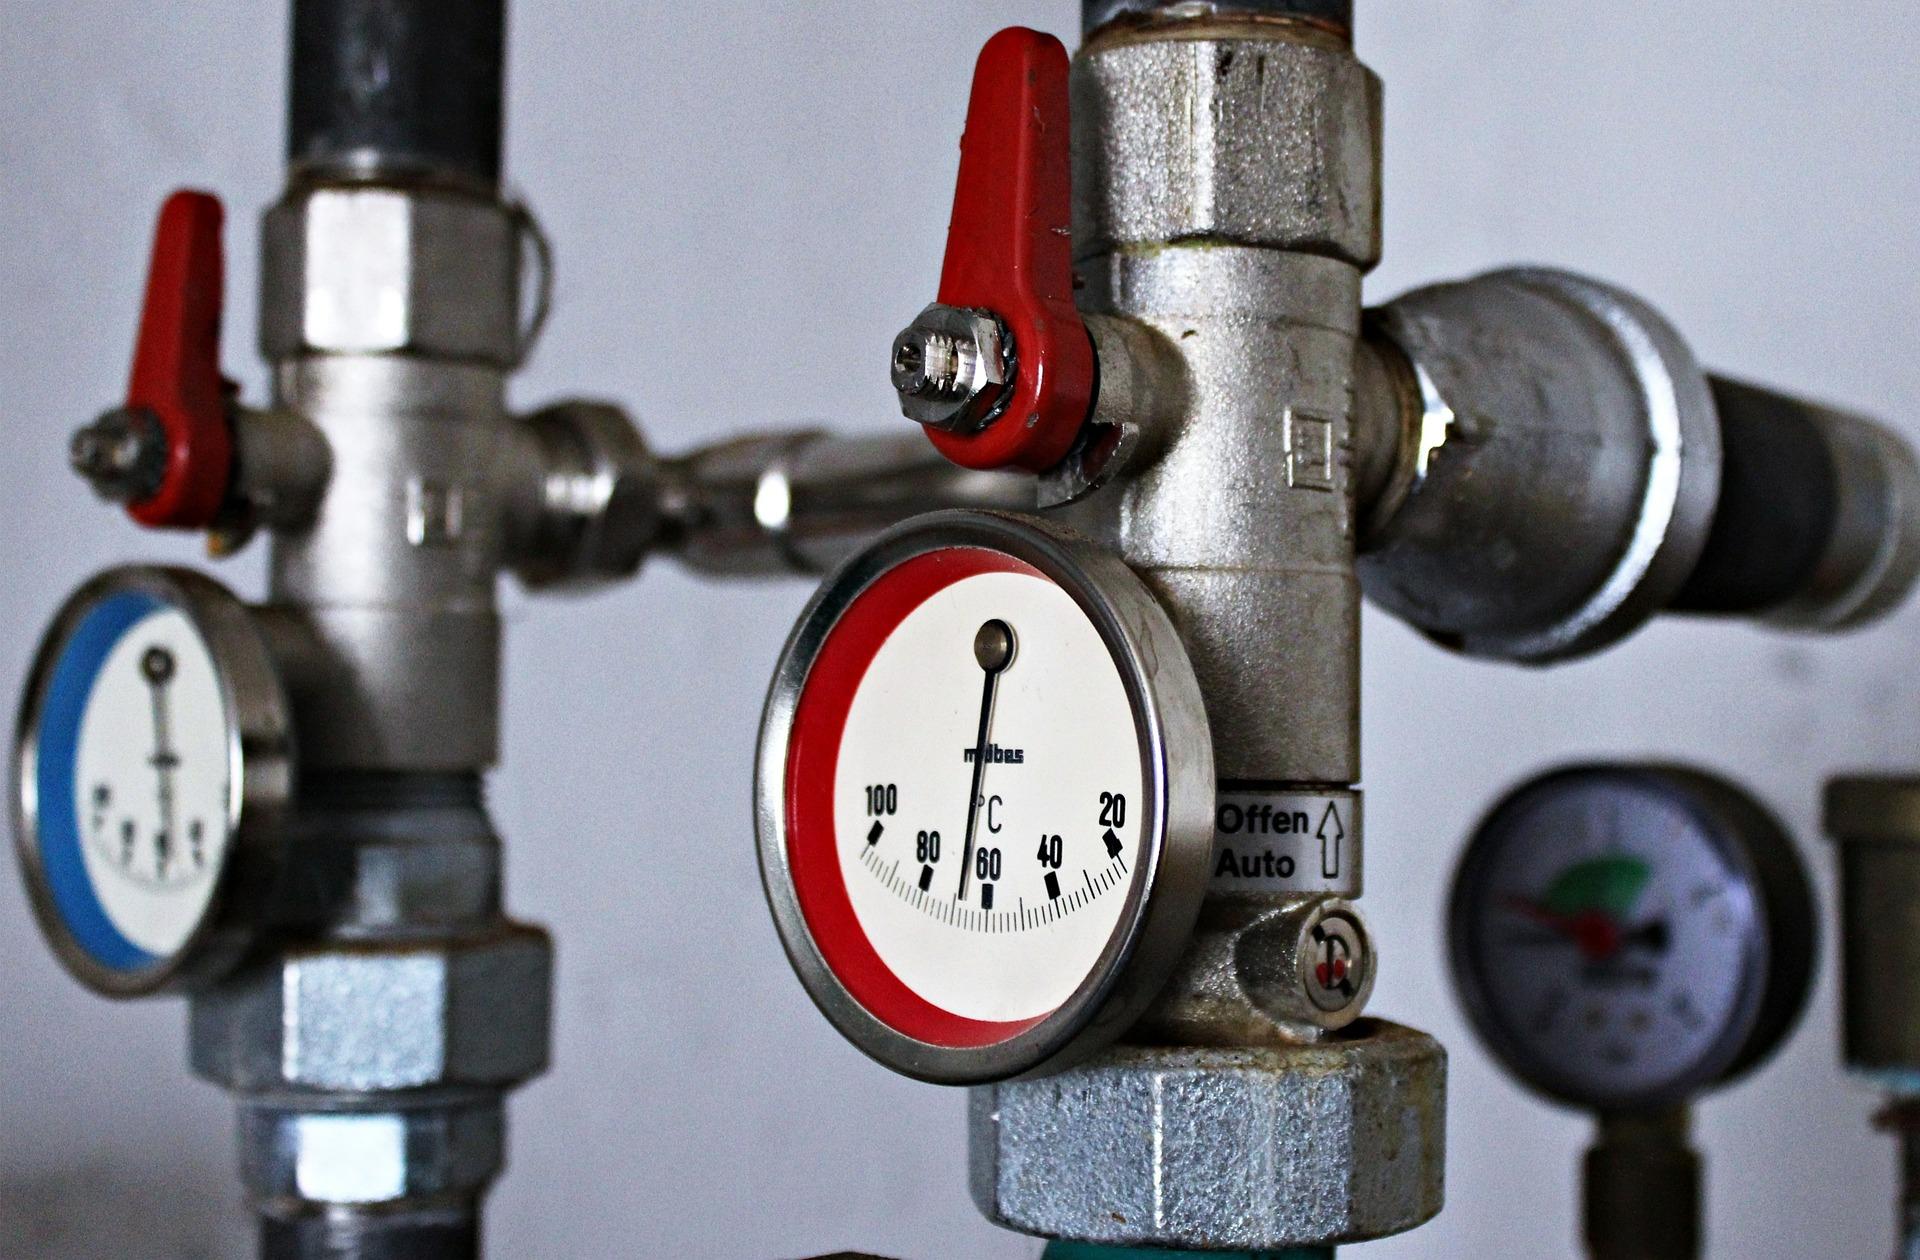 heizkosten-sparen-heizen-heizkoerper-entlueften-bautrocknung-duregger-luftfeuchtigkeit-lueften-bautrockner-mieten-muenchen-temperatur